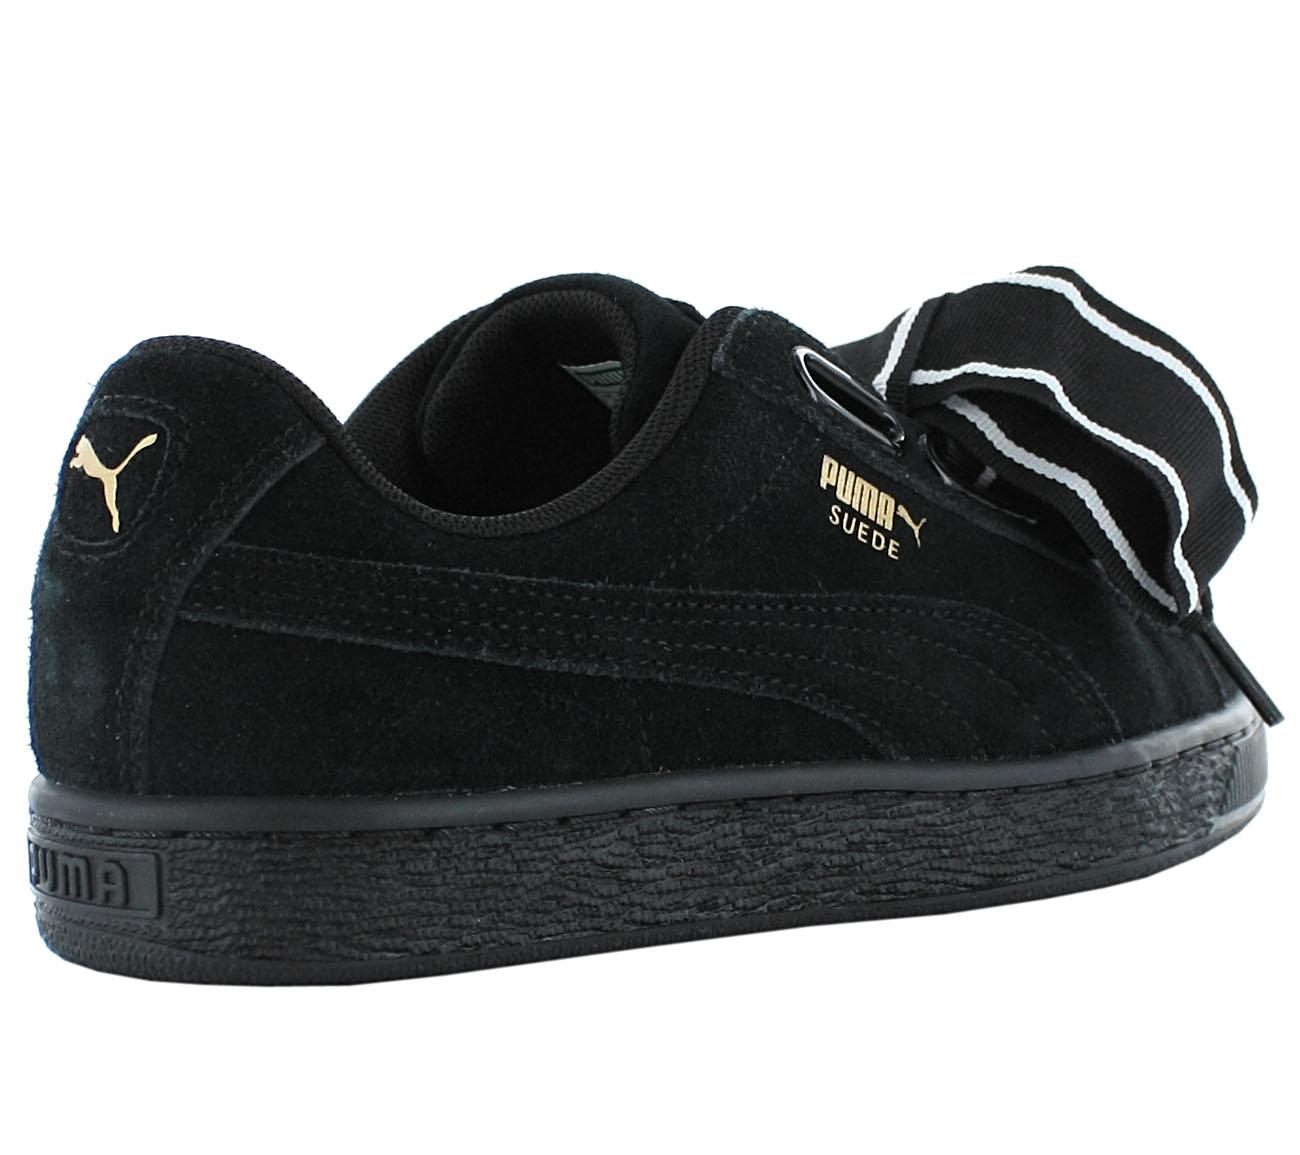 Detalles acerca de Nuevo Puma Damen Gamuza Corazón Satinado II 364084 01 Mujeres Zapatos Zapatillas Sneakers s